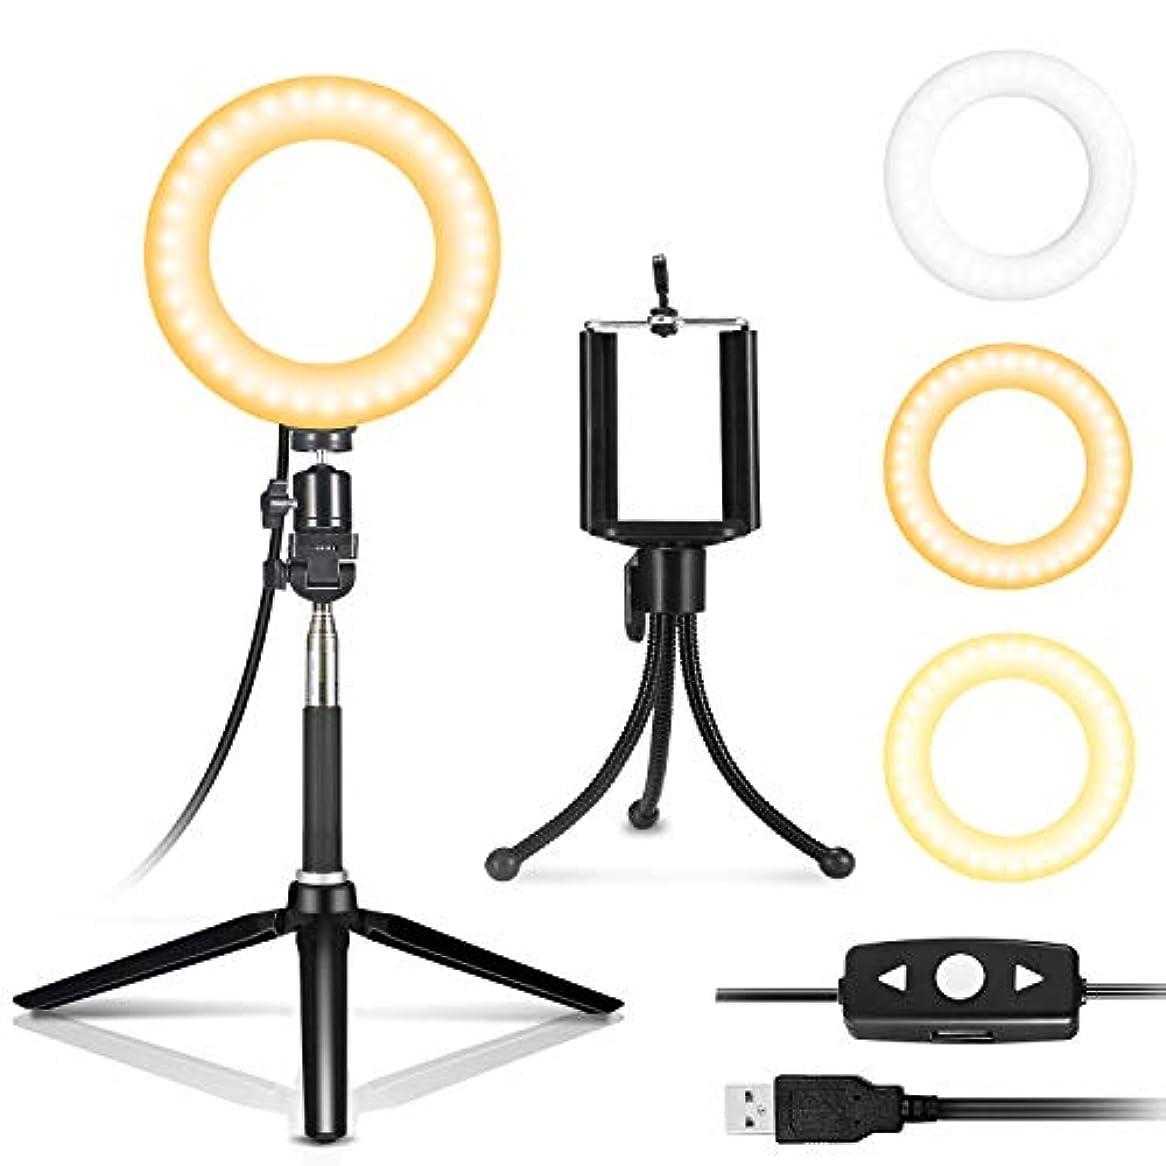 サージ優越ファンブルIDESION 自撮り補助セルフィー LEDライト ミラー 女優ライト 6インチ円形 3色調節可能 リモコン付き ハリウッドライト USB給電 日本語説明書付き